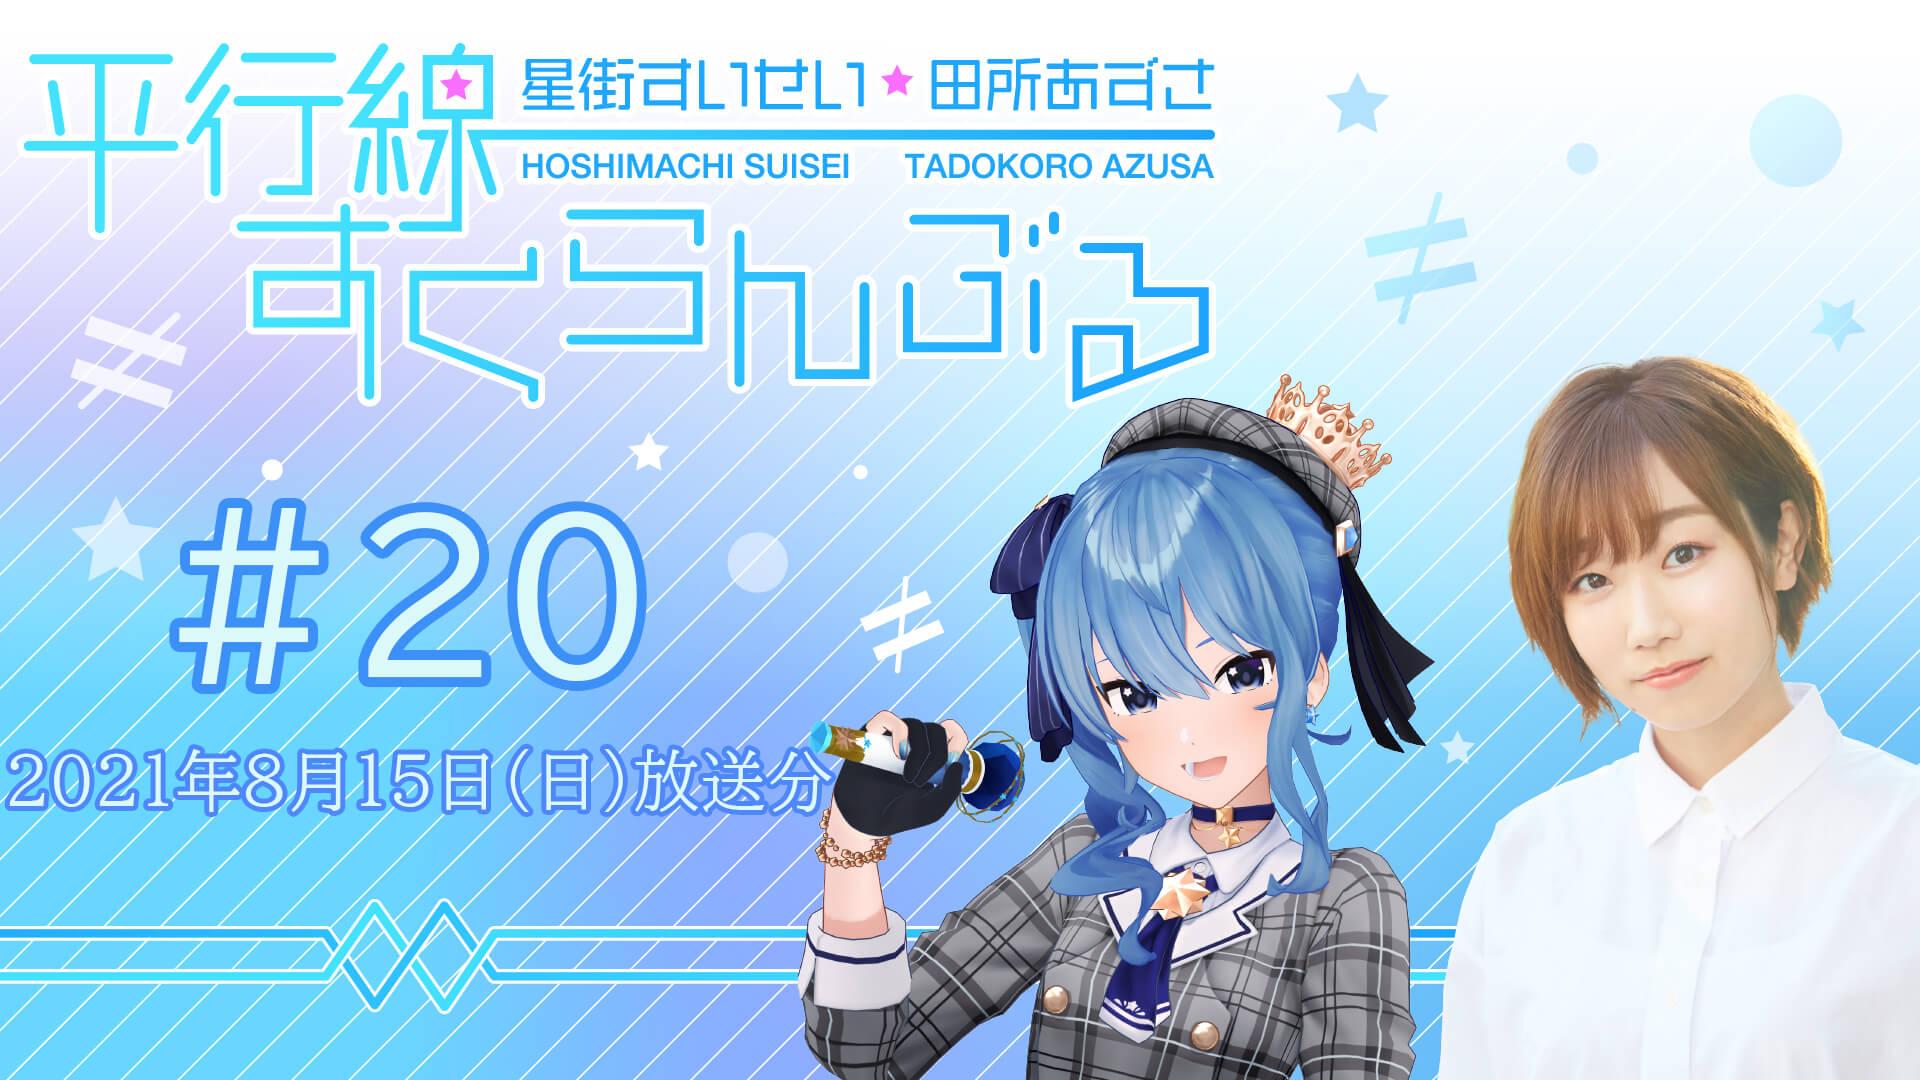 #20『星街すいせい・田所あずさ 平行線すくらんぶる』(2021年8月15日放送分)